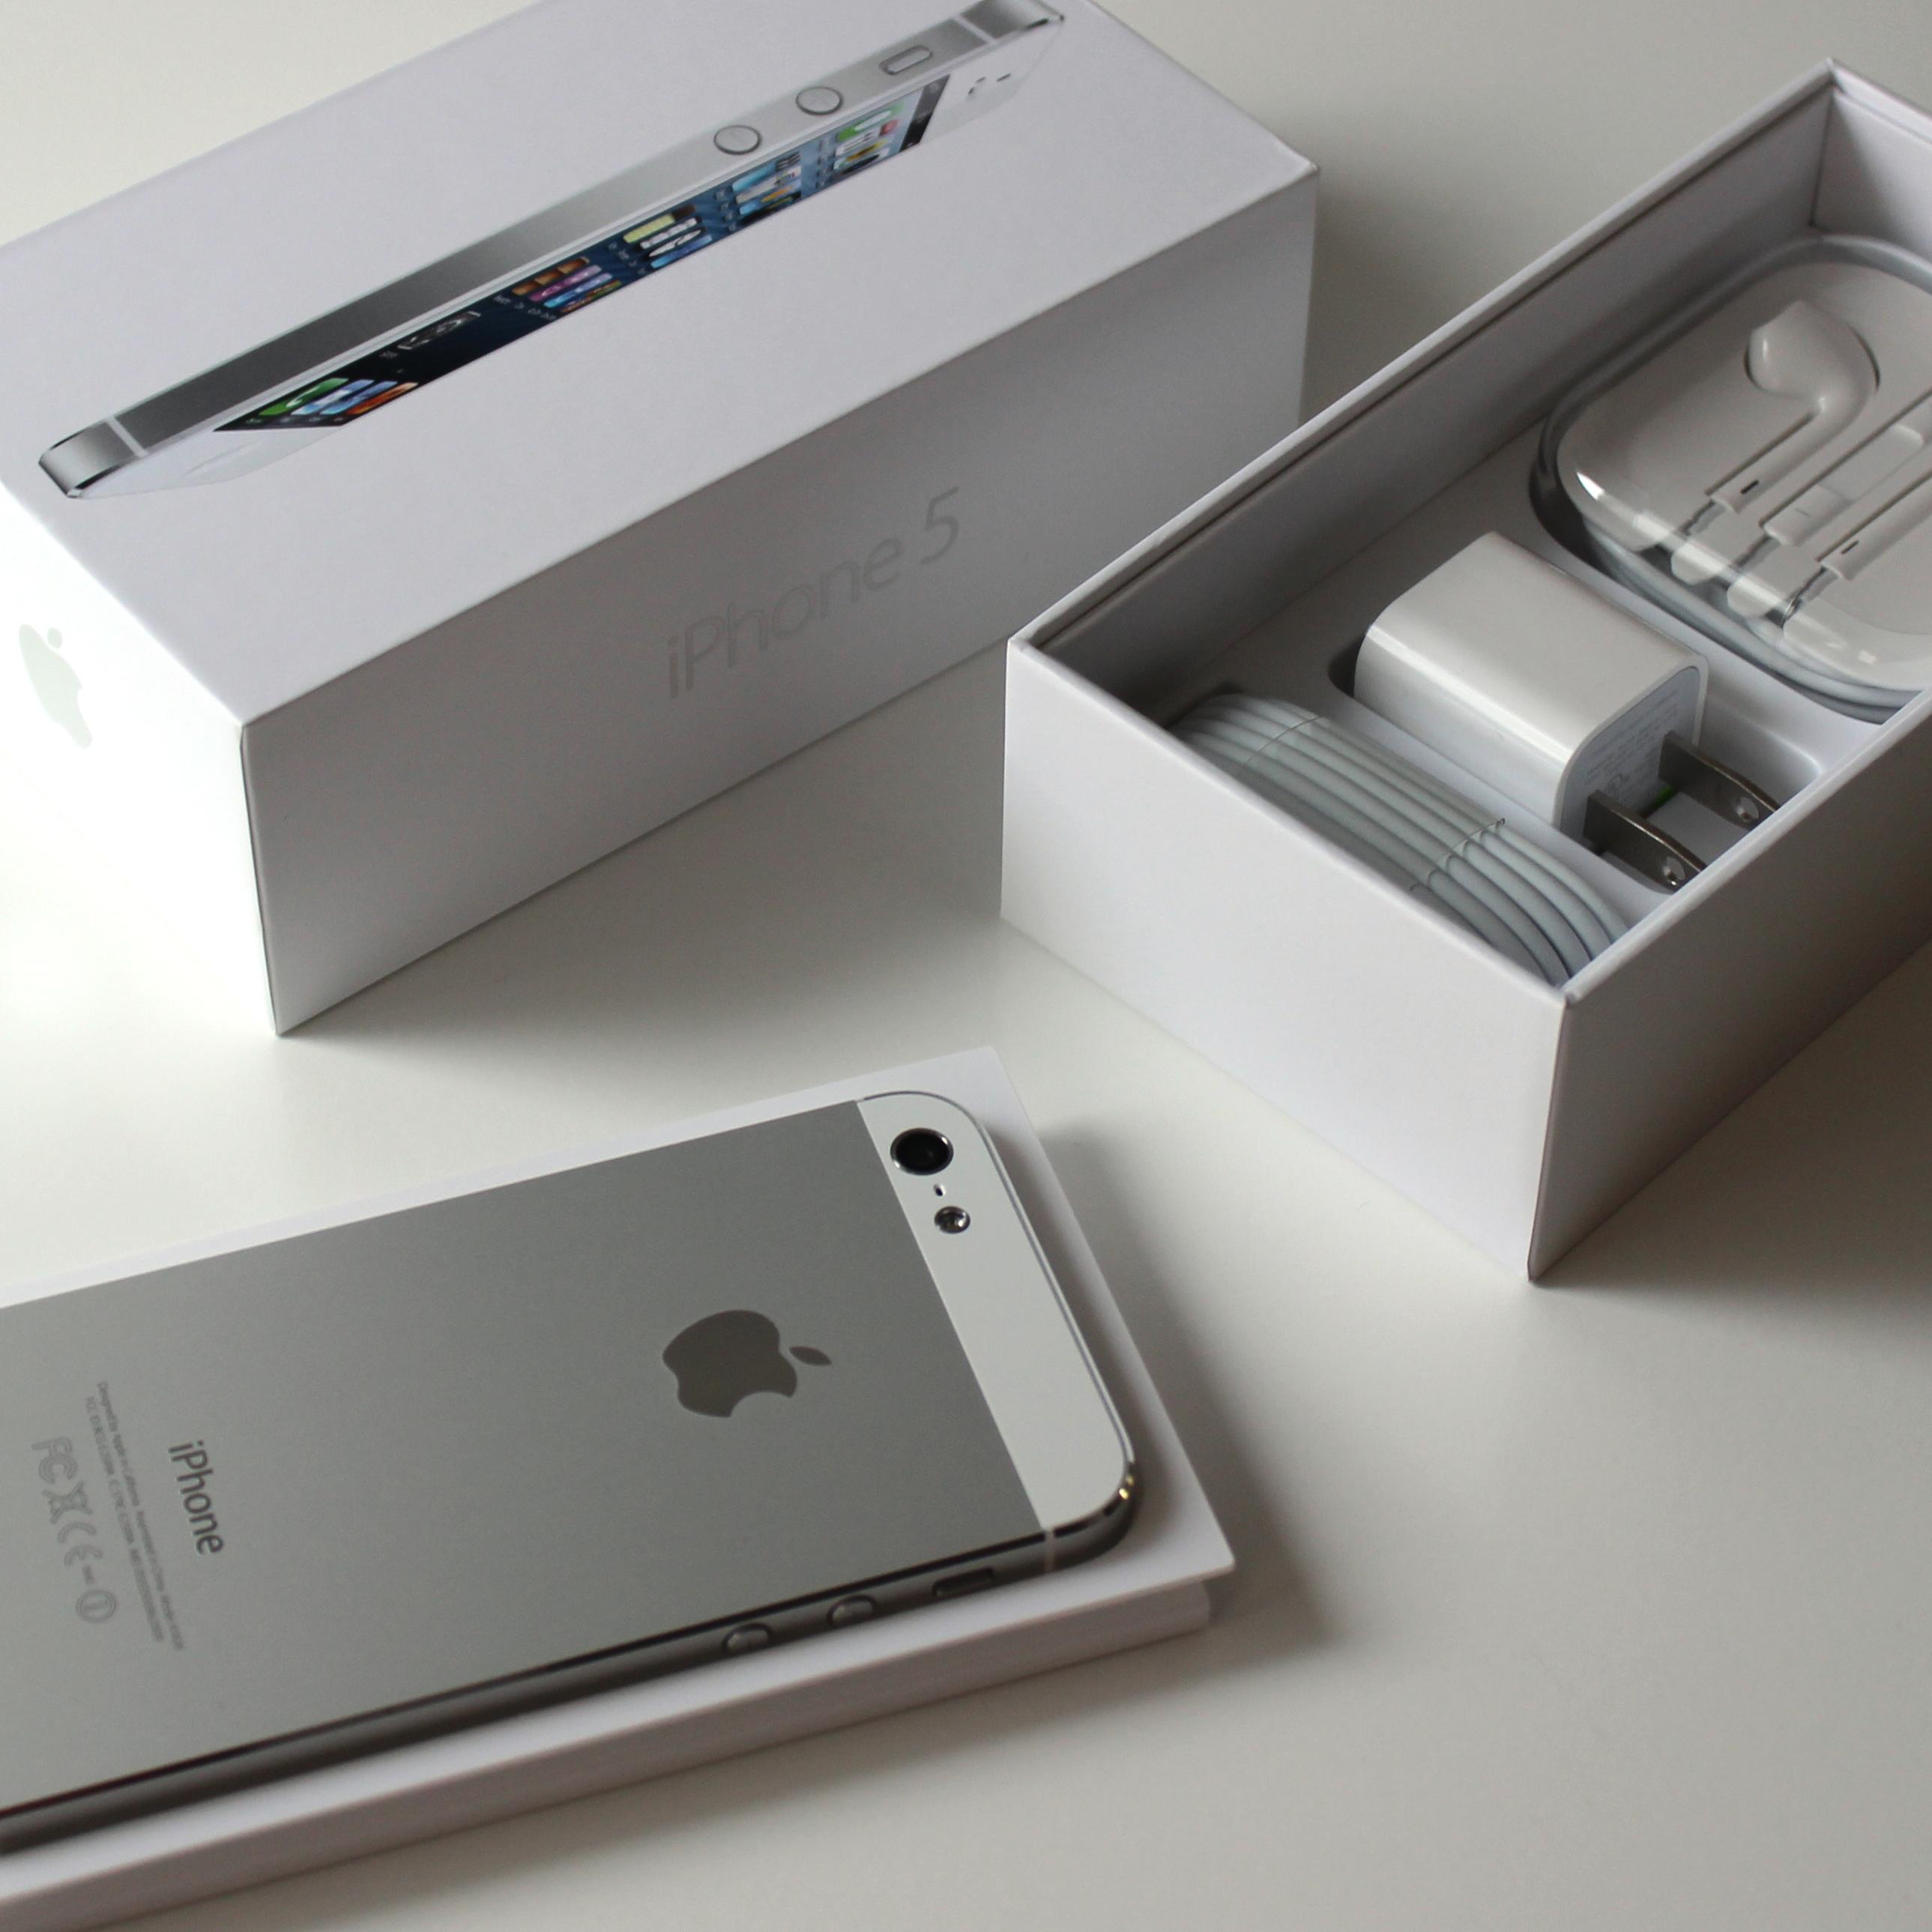 1db696e12d70 iPhone-5-Garrett-Gee-o